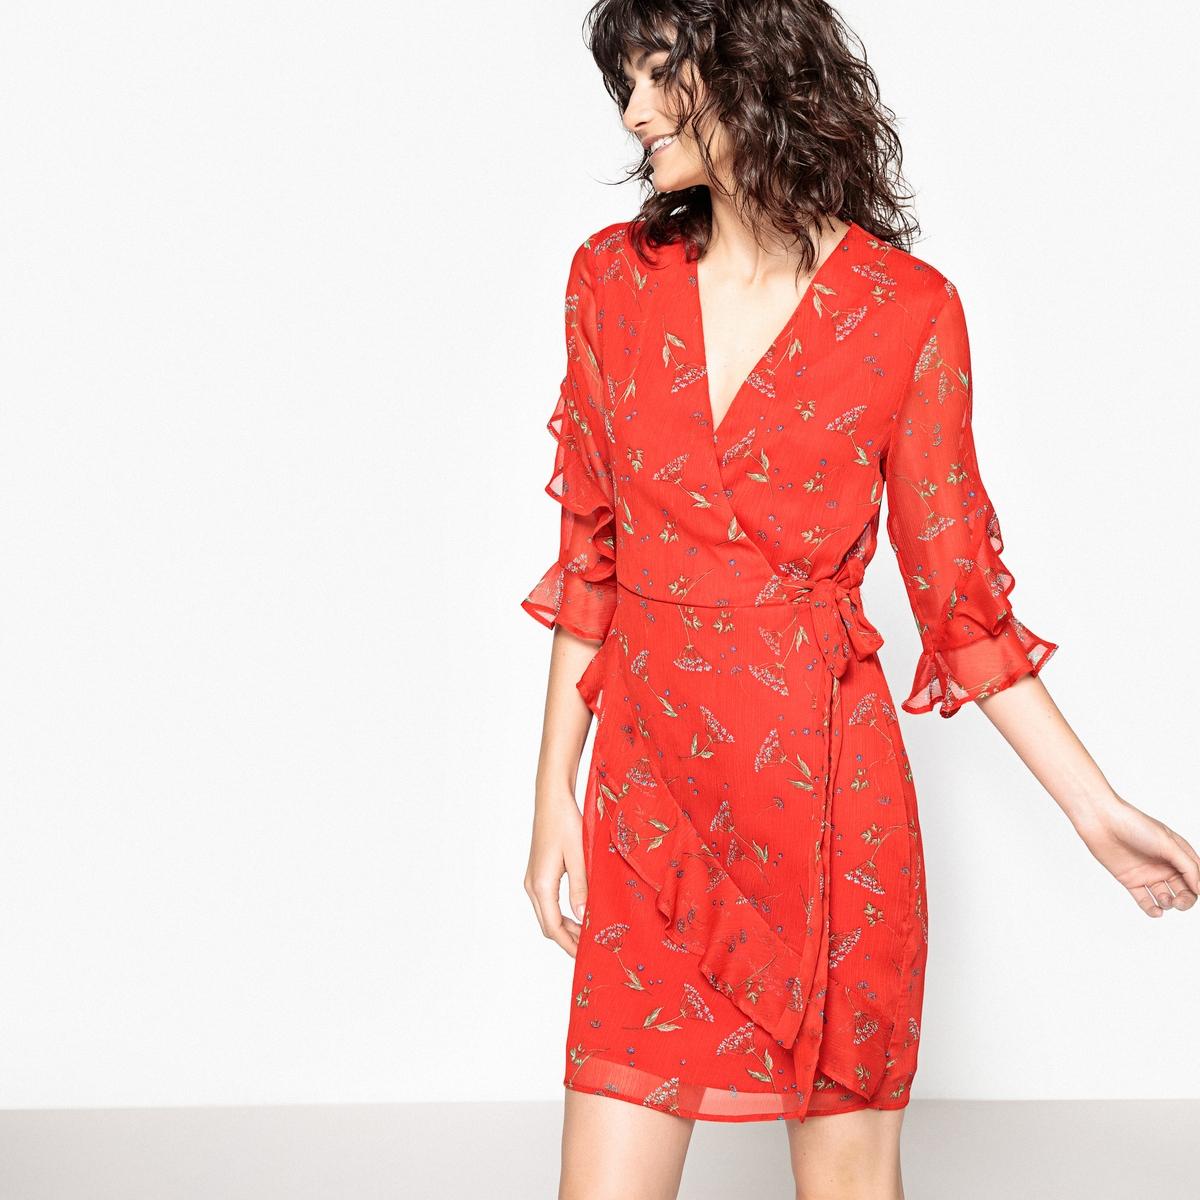 цены на Платье с рисунком и воланами в интернет-магазинах